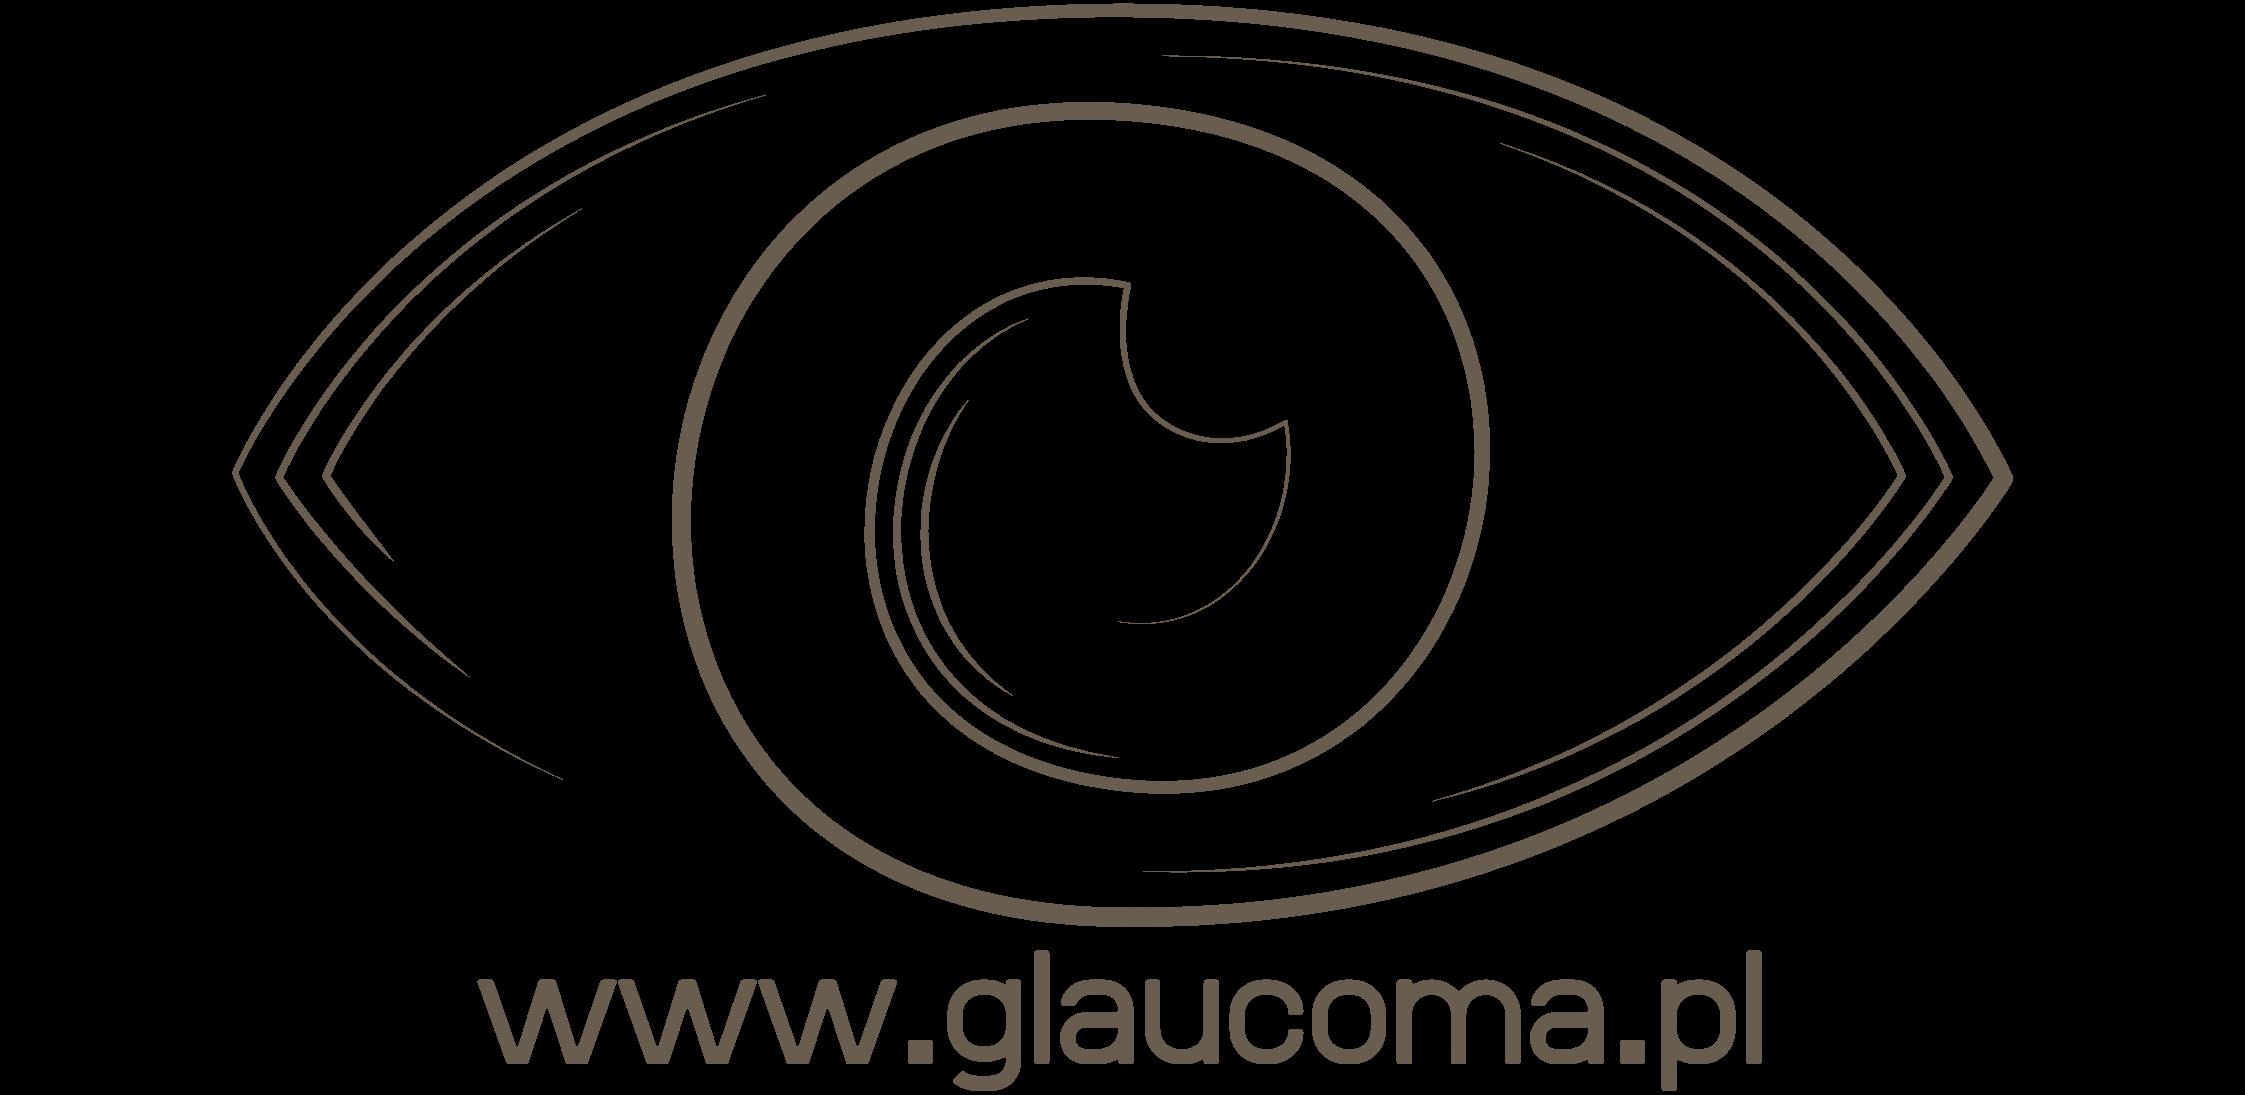 Glaucoma.pl